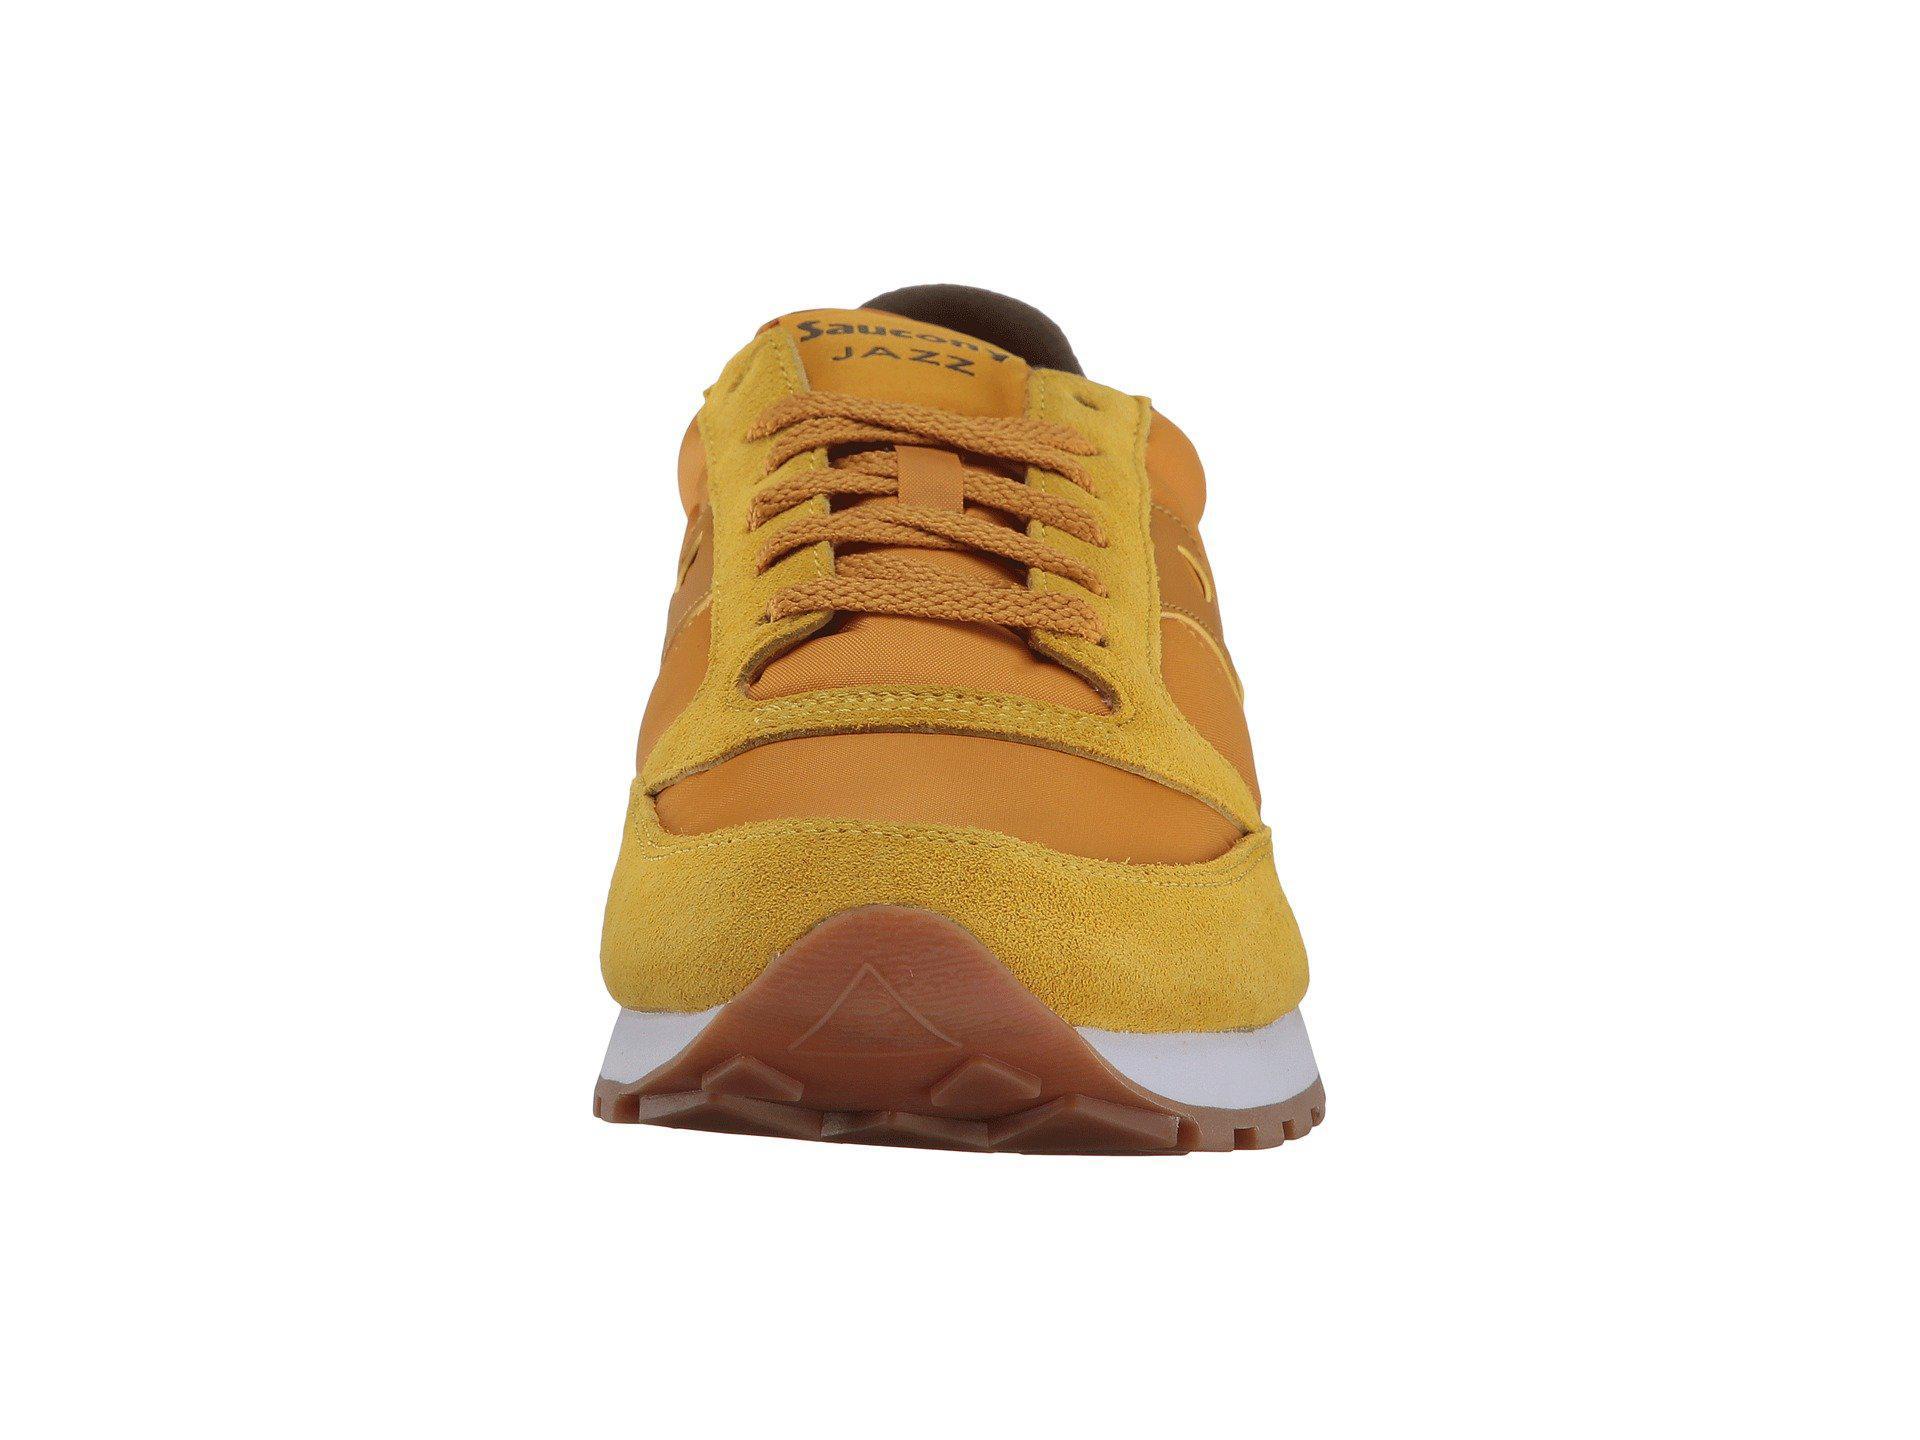 Saucony Originals Men's Jazz Original Sneaker, GoldBrown